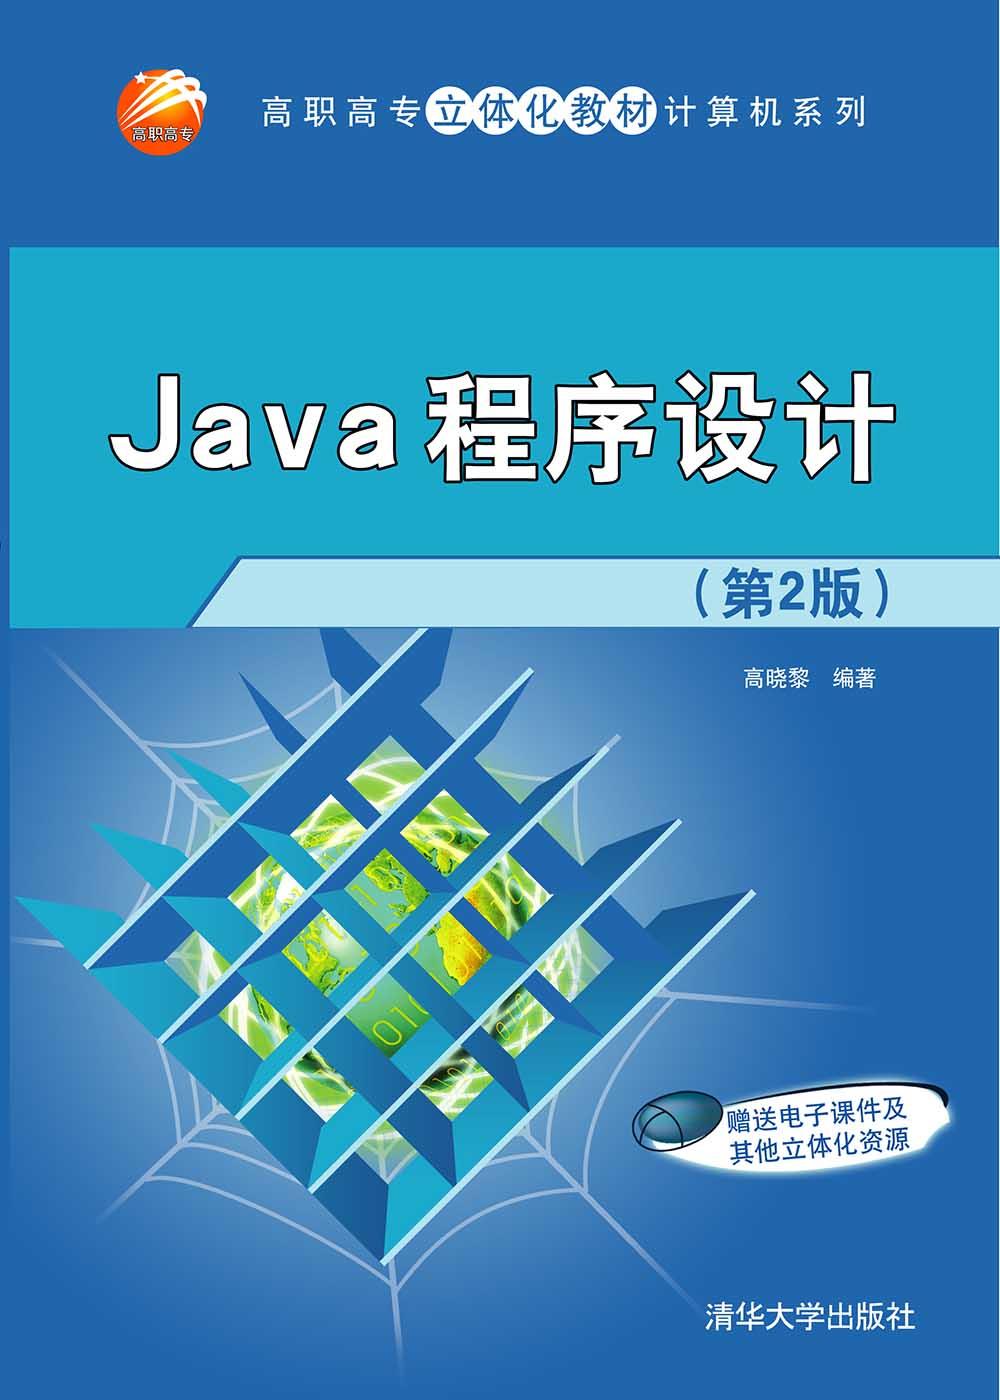 前 言   自2008年10月教材的第一版出版以来,Java技术正以日新月异的速度在不断地发展着。Java语言以自身诸多优秀的品格、跨平台的特性,以及开源的理念,为越来越多的人士所喜爱、所使用,成为网络编程、手机开发等领域的主流编程语言。   感谢本教材第一版的忠实读者们。他们中有大中专院校的学生,有高校或培训机构的教师,有科研院所的研究人员,还有从事Java开发的技术人员。感谢他们对本教材的选择与肯定,感谢他们在使用本教材的过程中,向作者提出了许多中肯的意见与合理的建议。这些宝贵的意见和建议,使我在修订